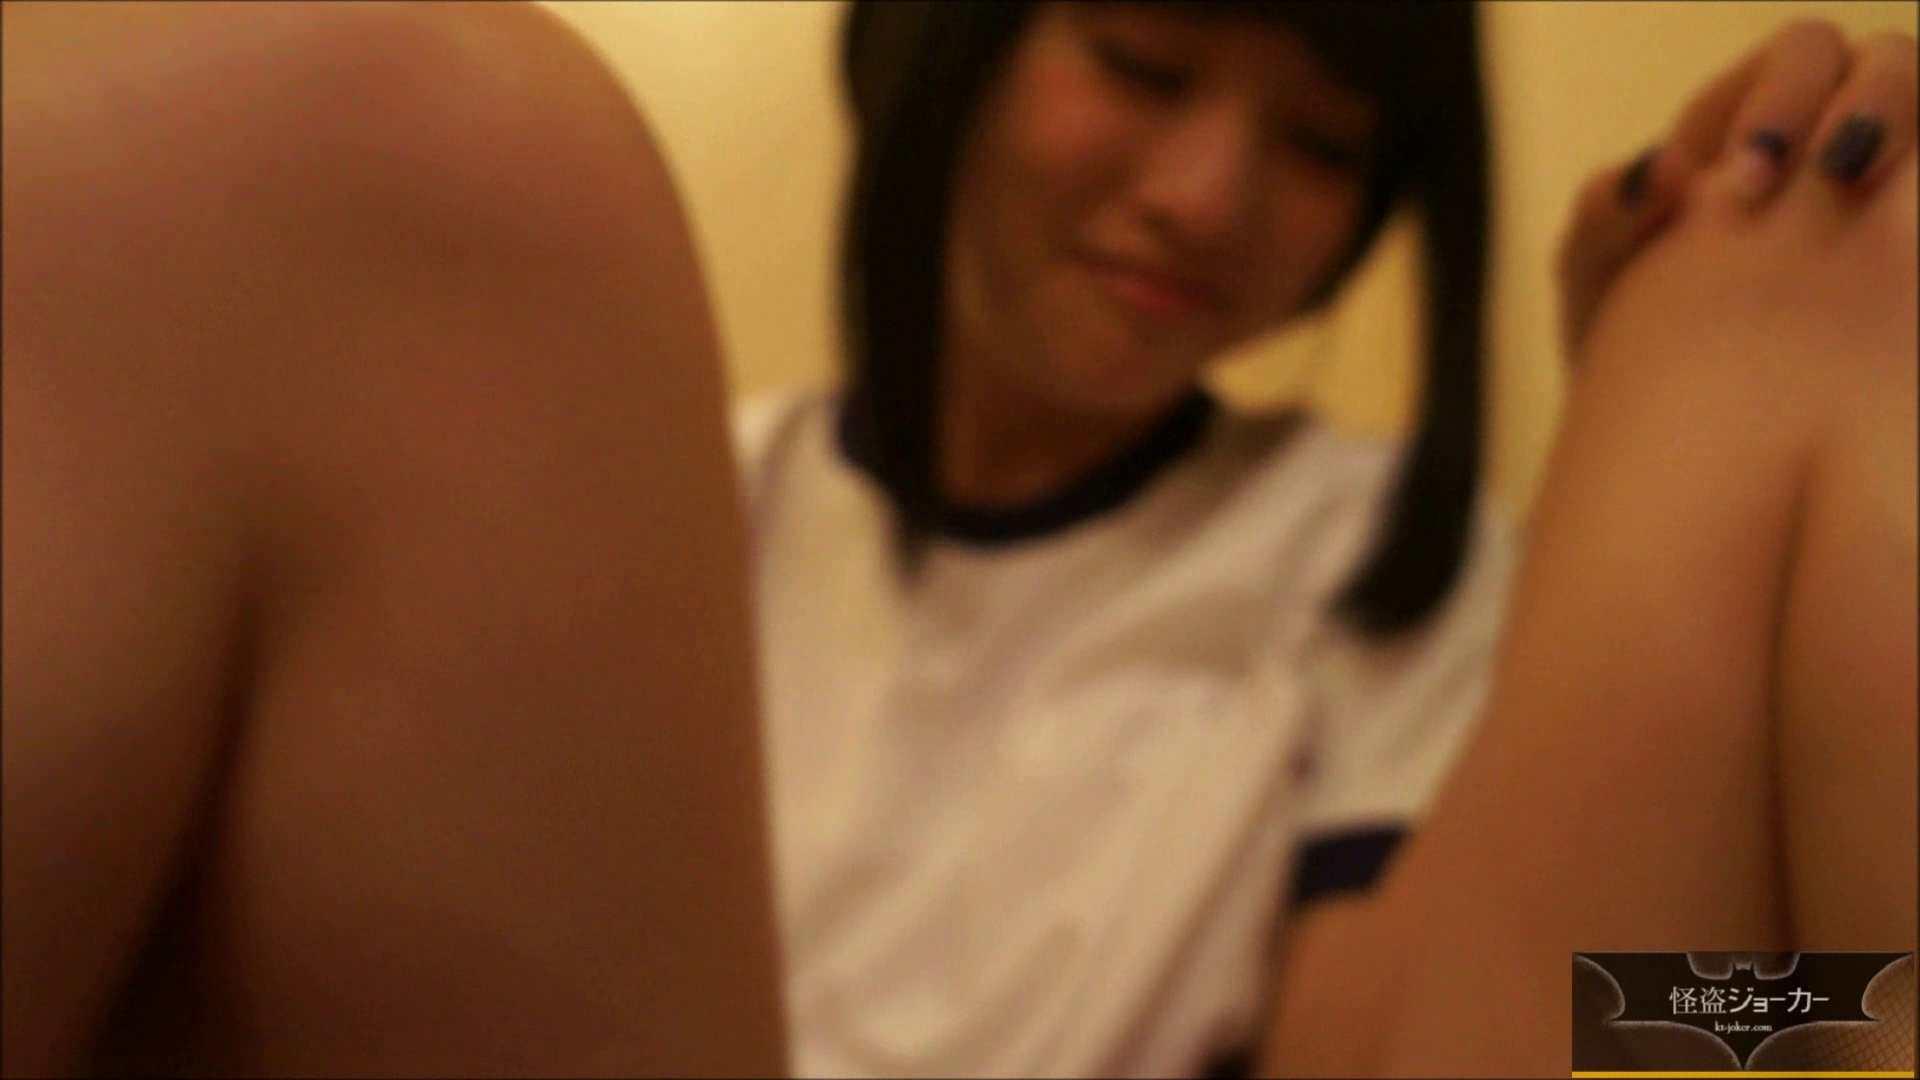 【未公開】vol.42 体操着の小春・・・口淫・自慰・非避妊 ギャル達 AV動画キャプチャ 93枚 47